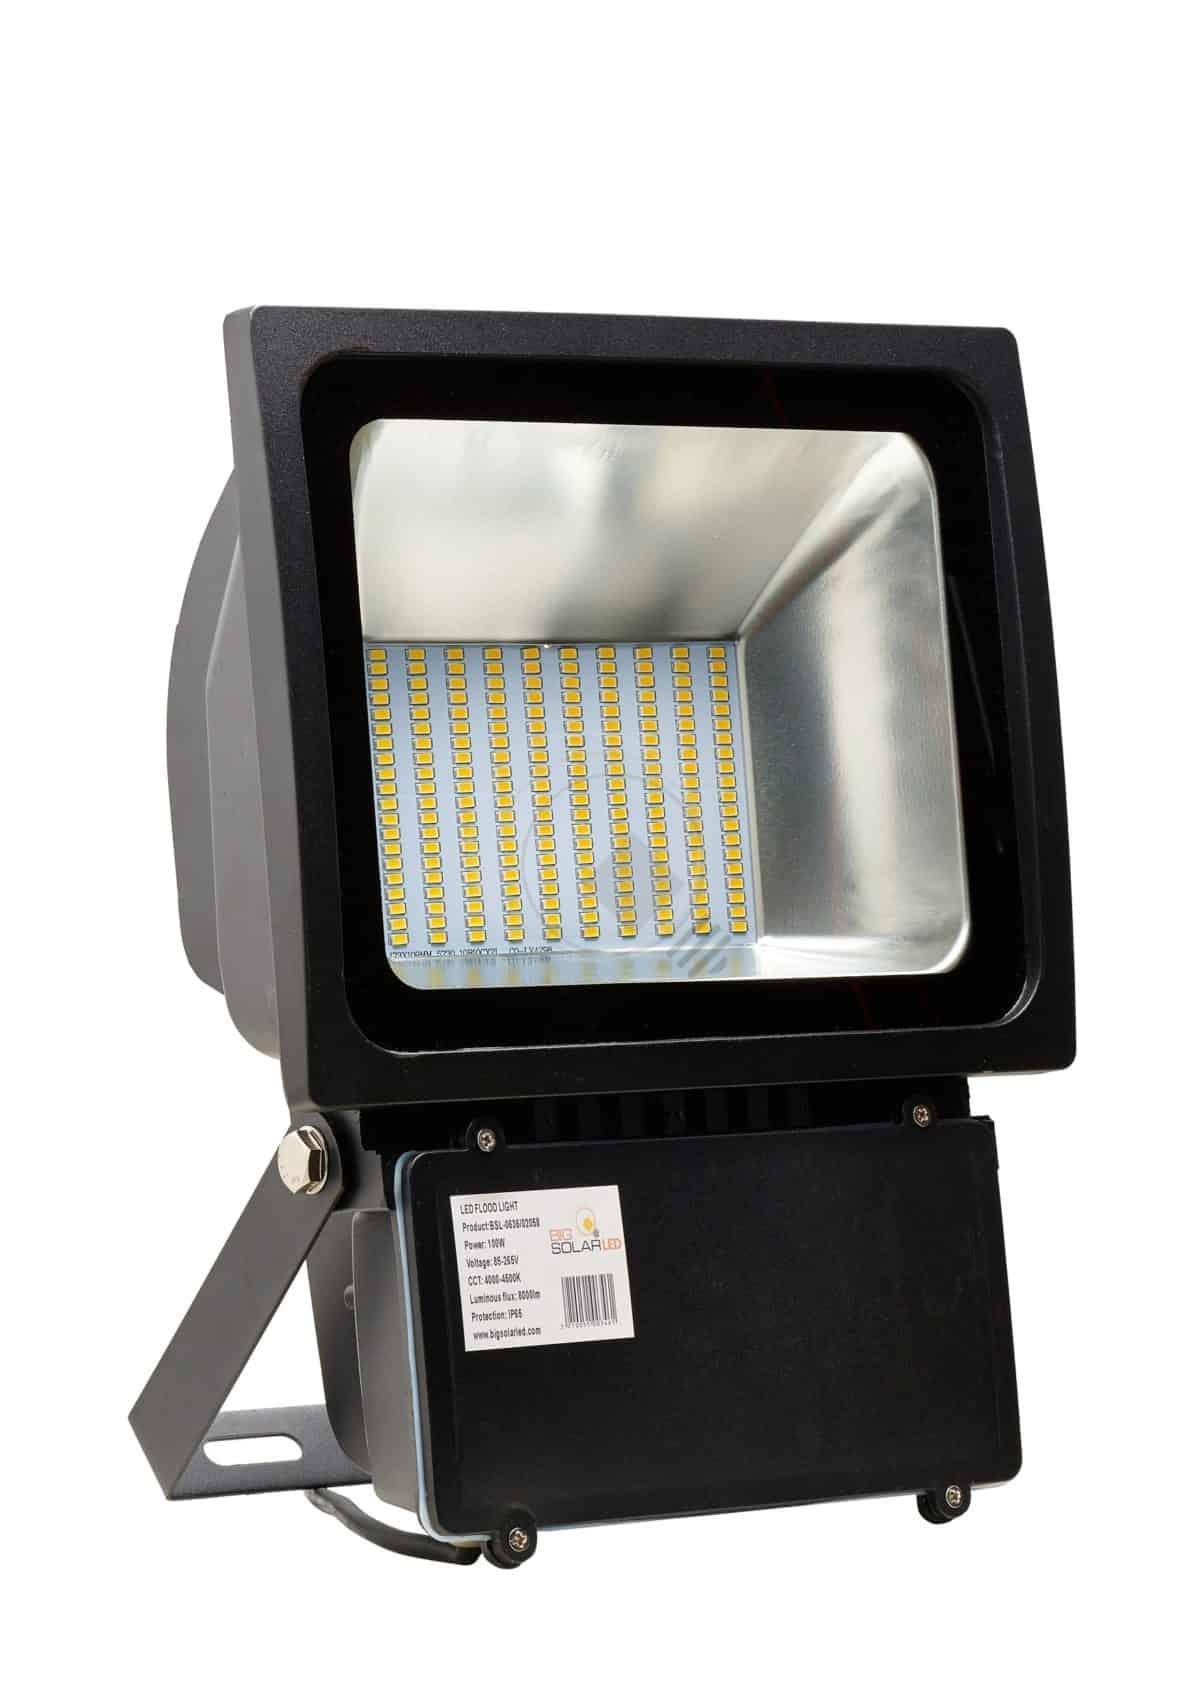 Προβολέας Led FLOOD 100w 230v 5000k 120° 7.500lm EPISTAR BSL 0636/02059 BIG LED